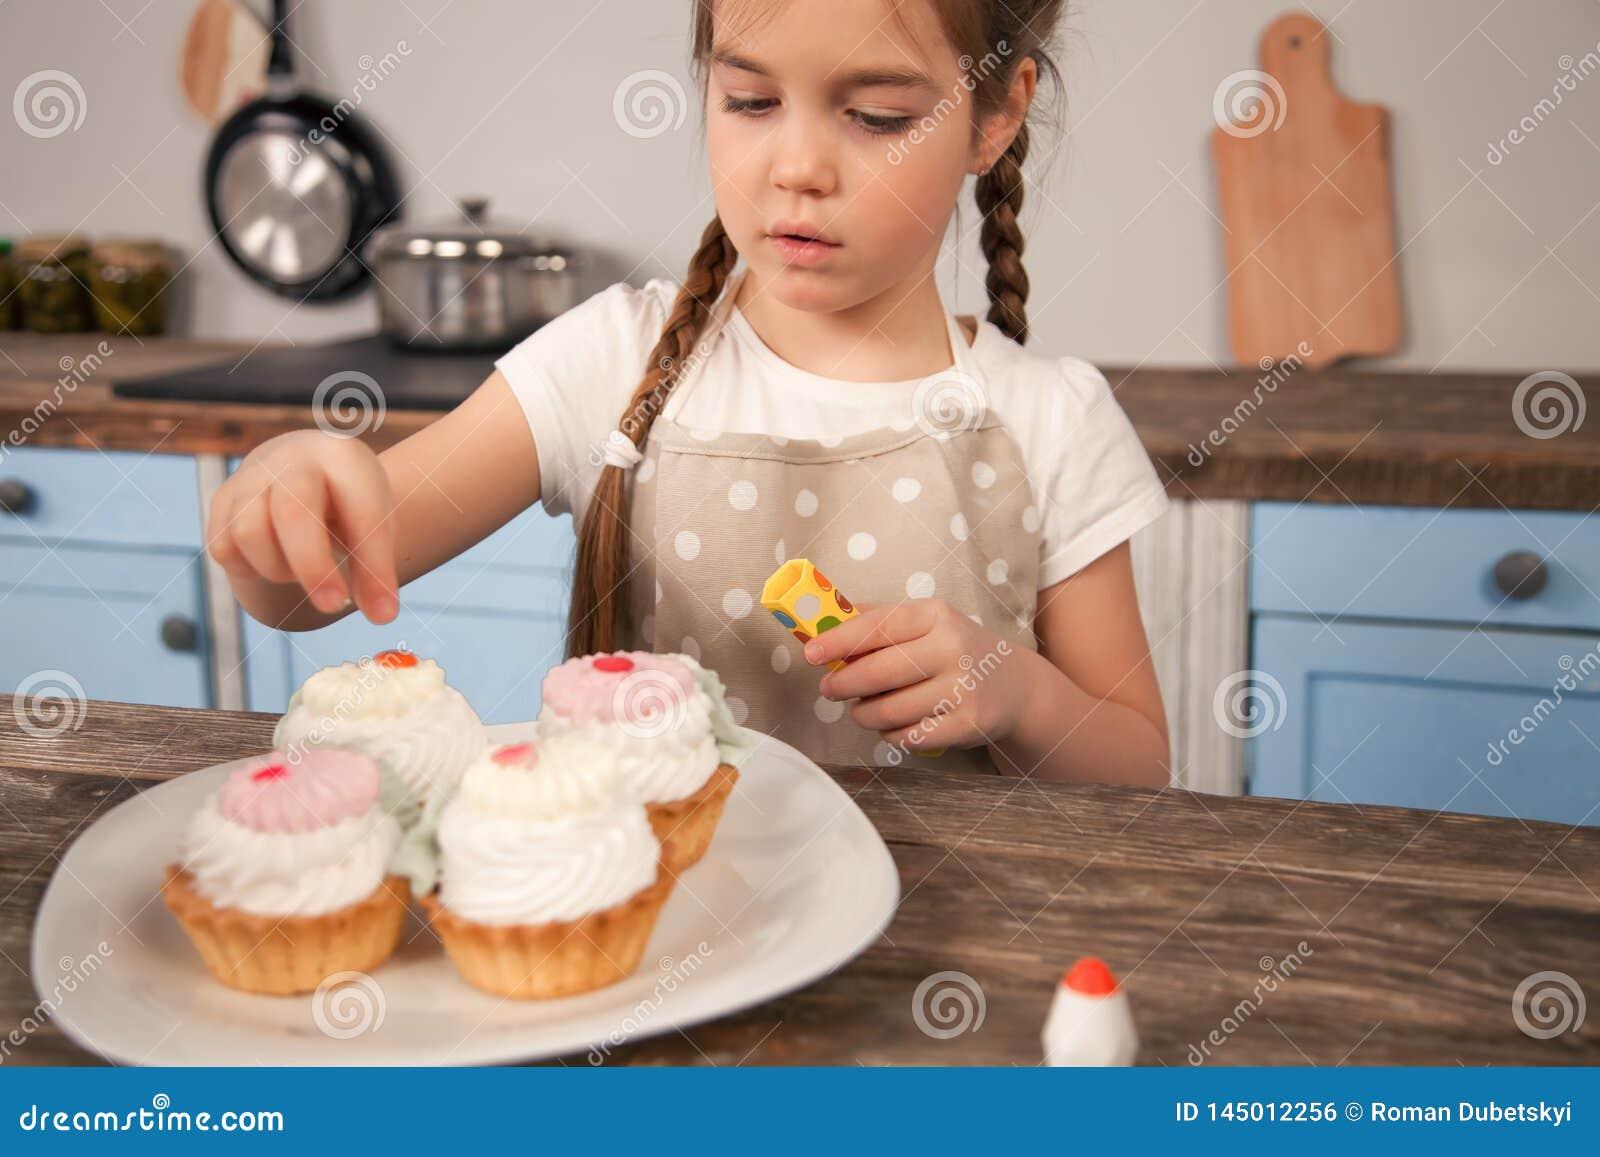 Fille d enfant dans la cuisine décorant des gâteaux elle est faite avec sa maman peu d aide, nourriture faite maison